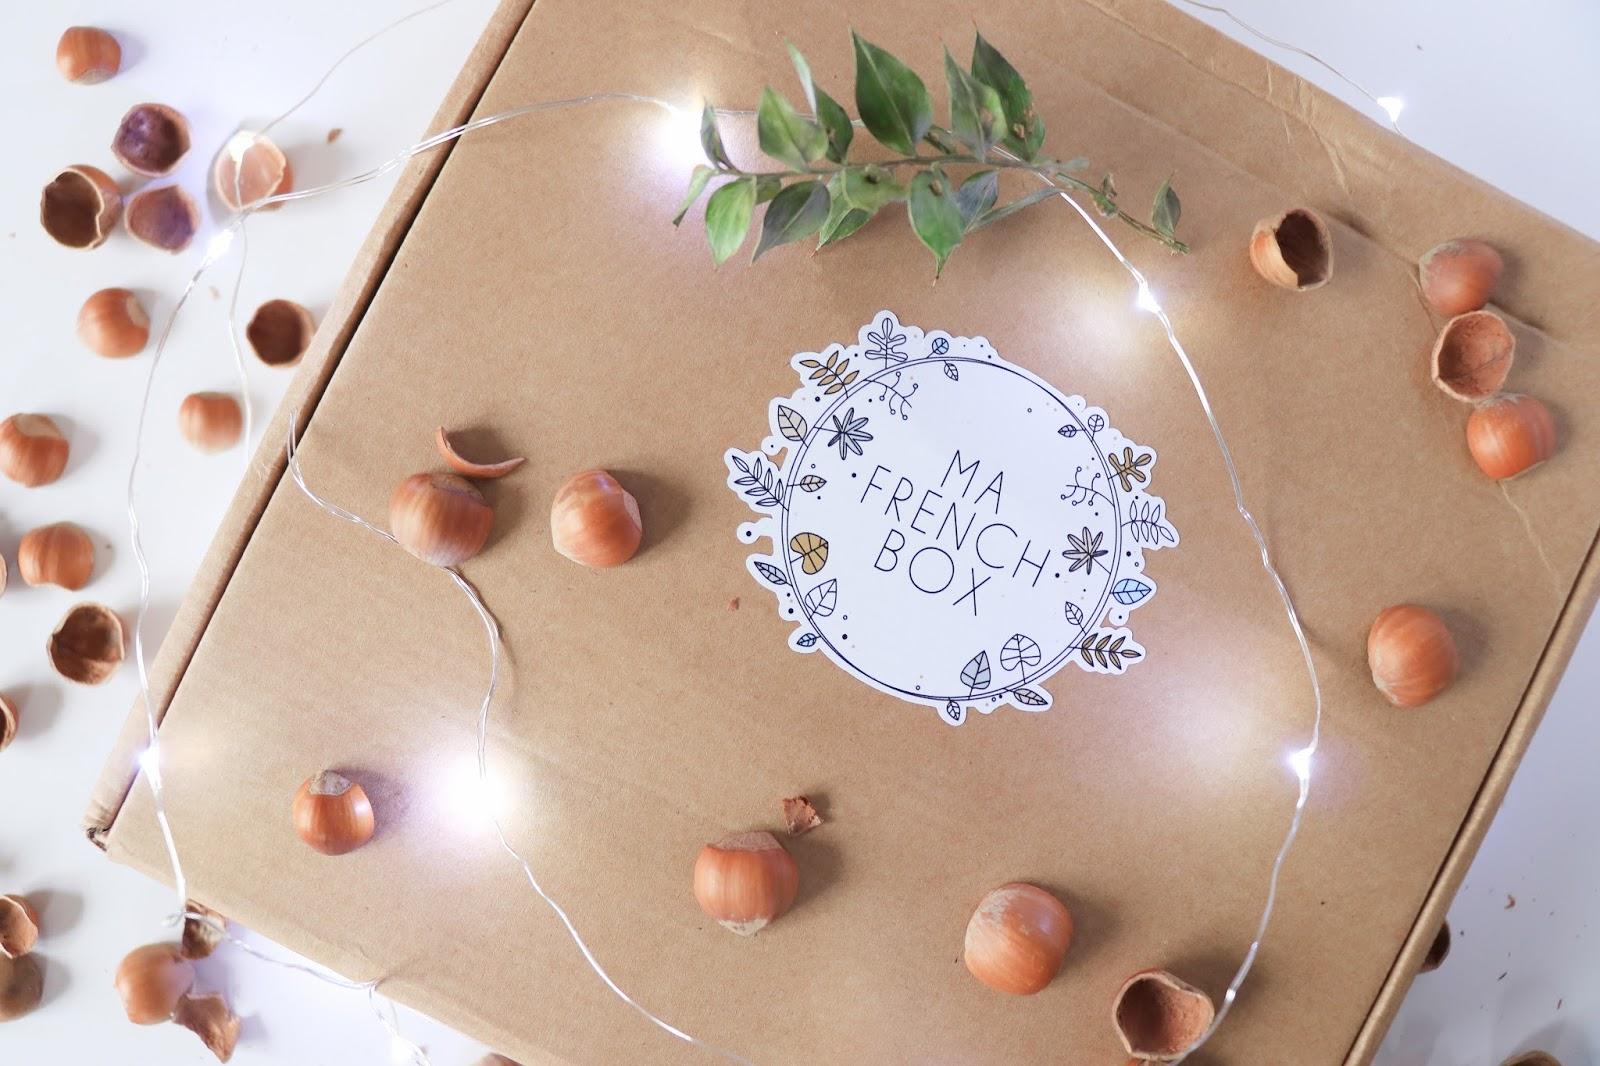 les gommettes de melo ma french box francais bio beaute janvier avis test 2018 bonnet calendrier graines